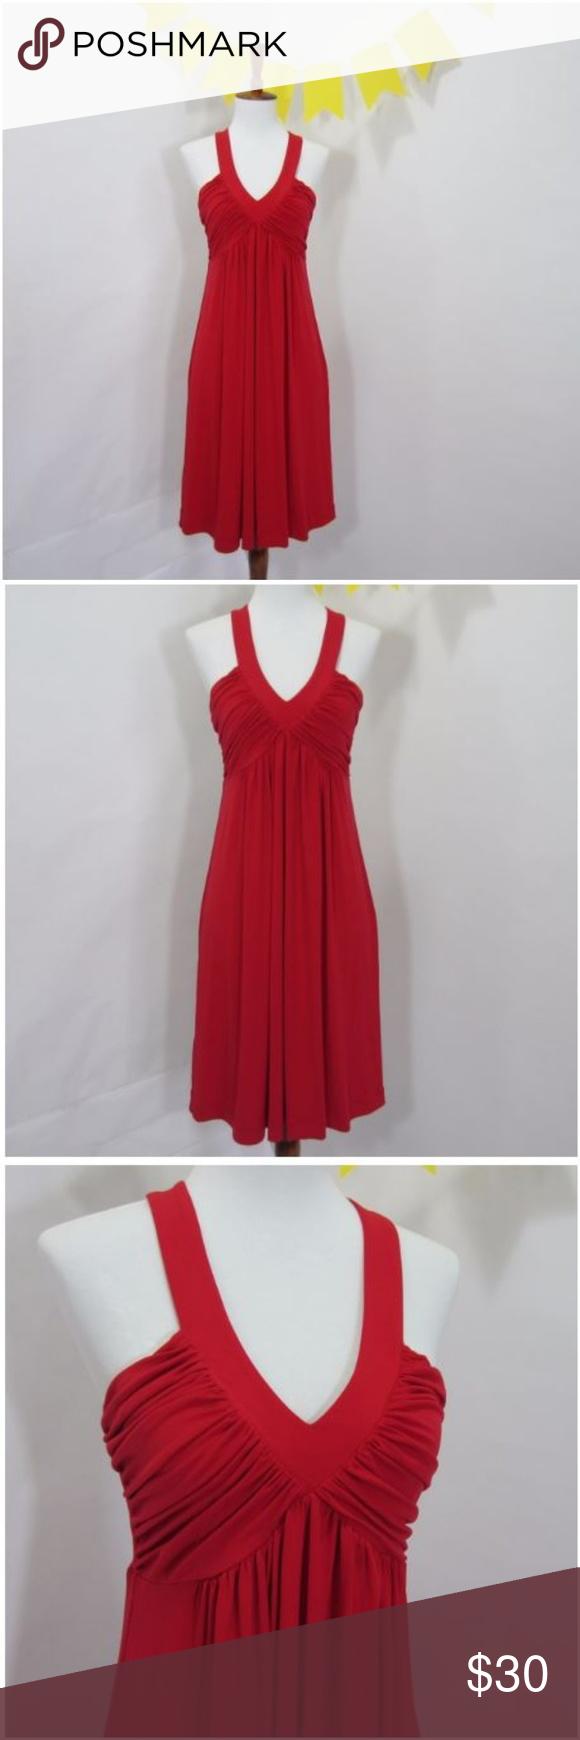 Calvin klein red halter empire waist dress c